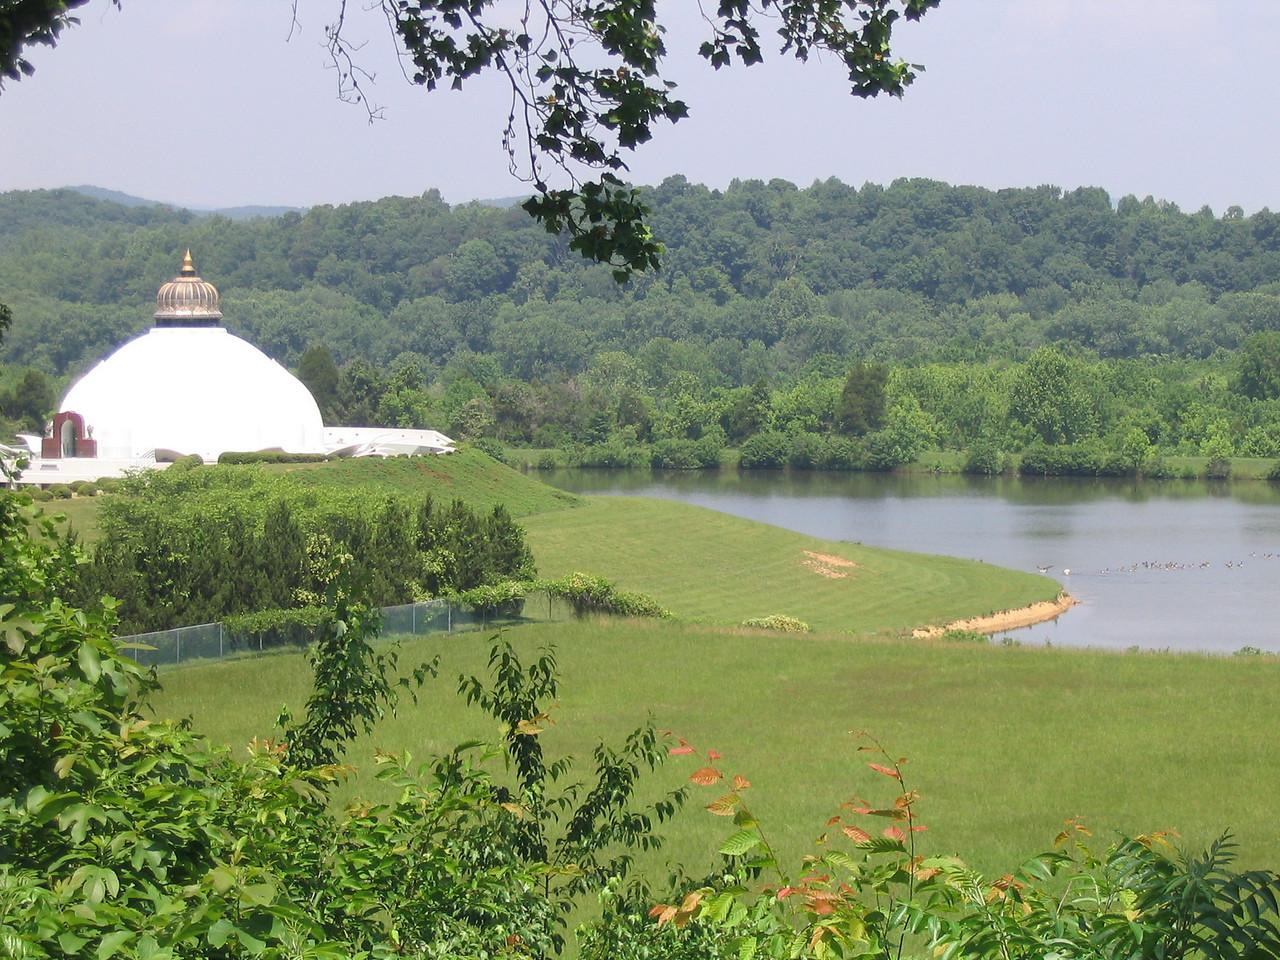 LOTUS and lake, May 2006.